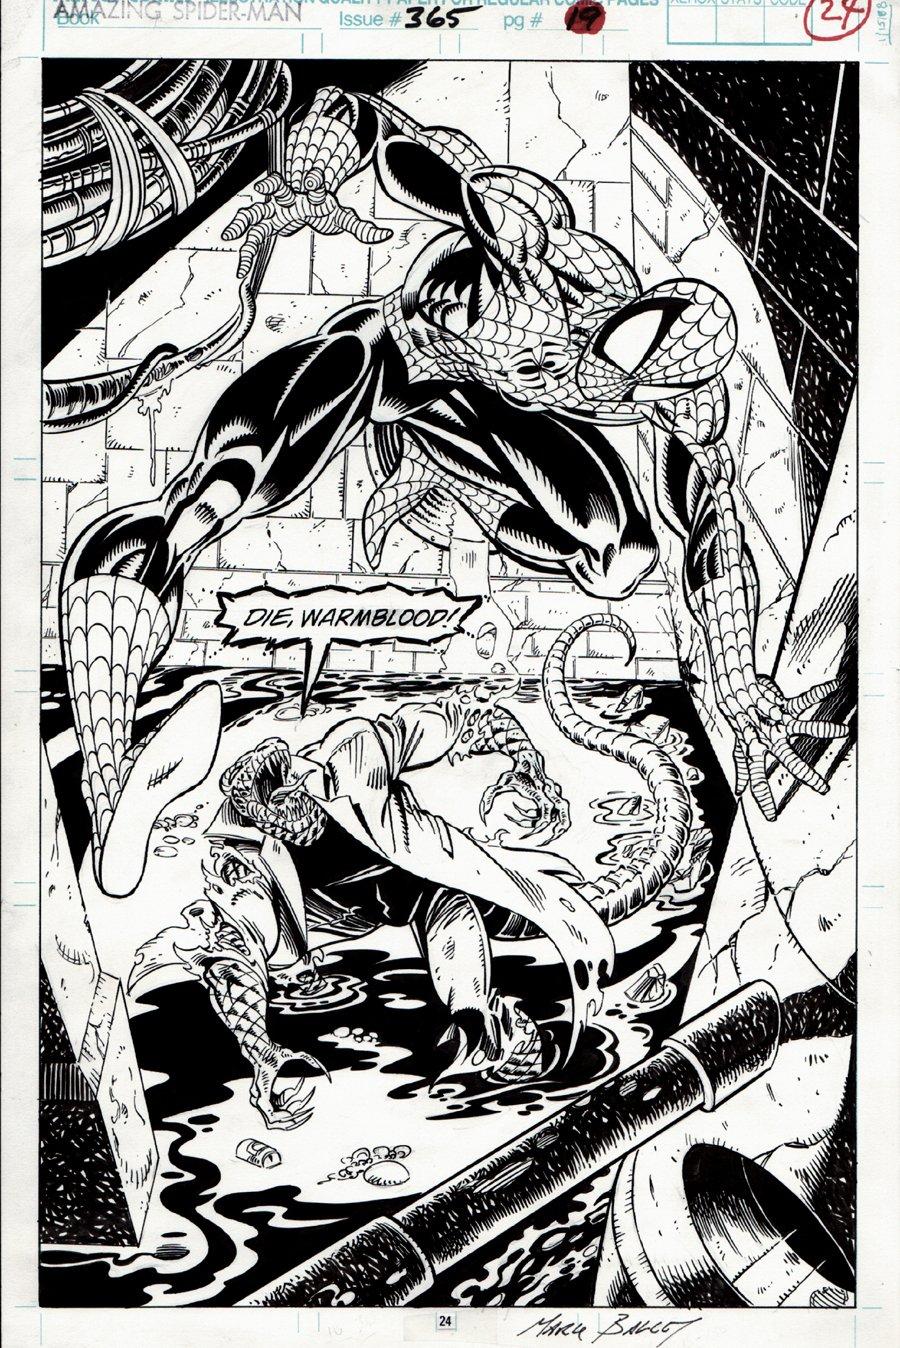 Amazing Spider-Man #365 p 24 SPLASH (1992) SOLD SOLD SOLD!